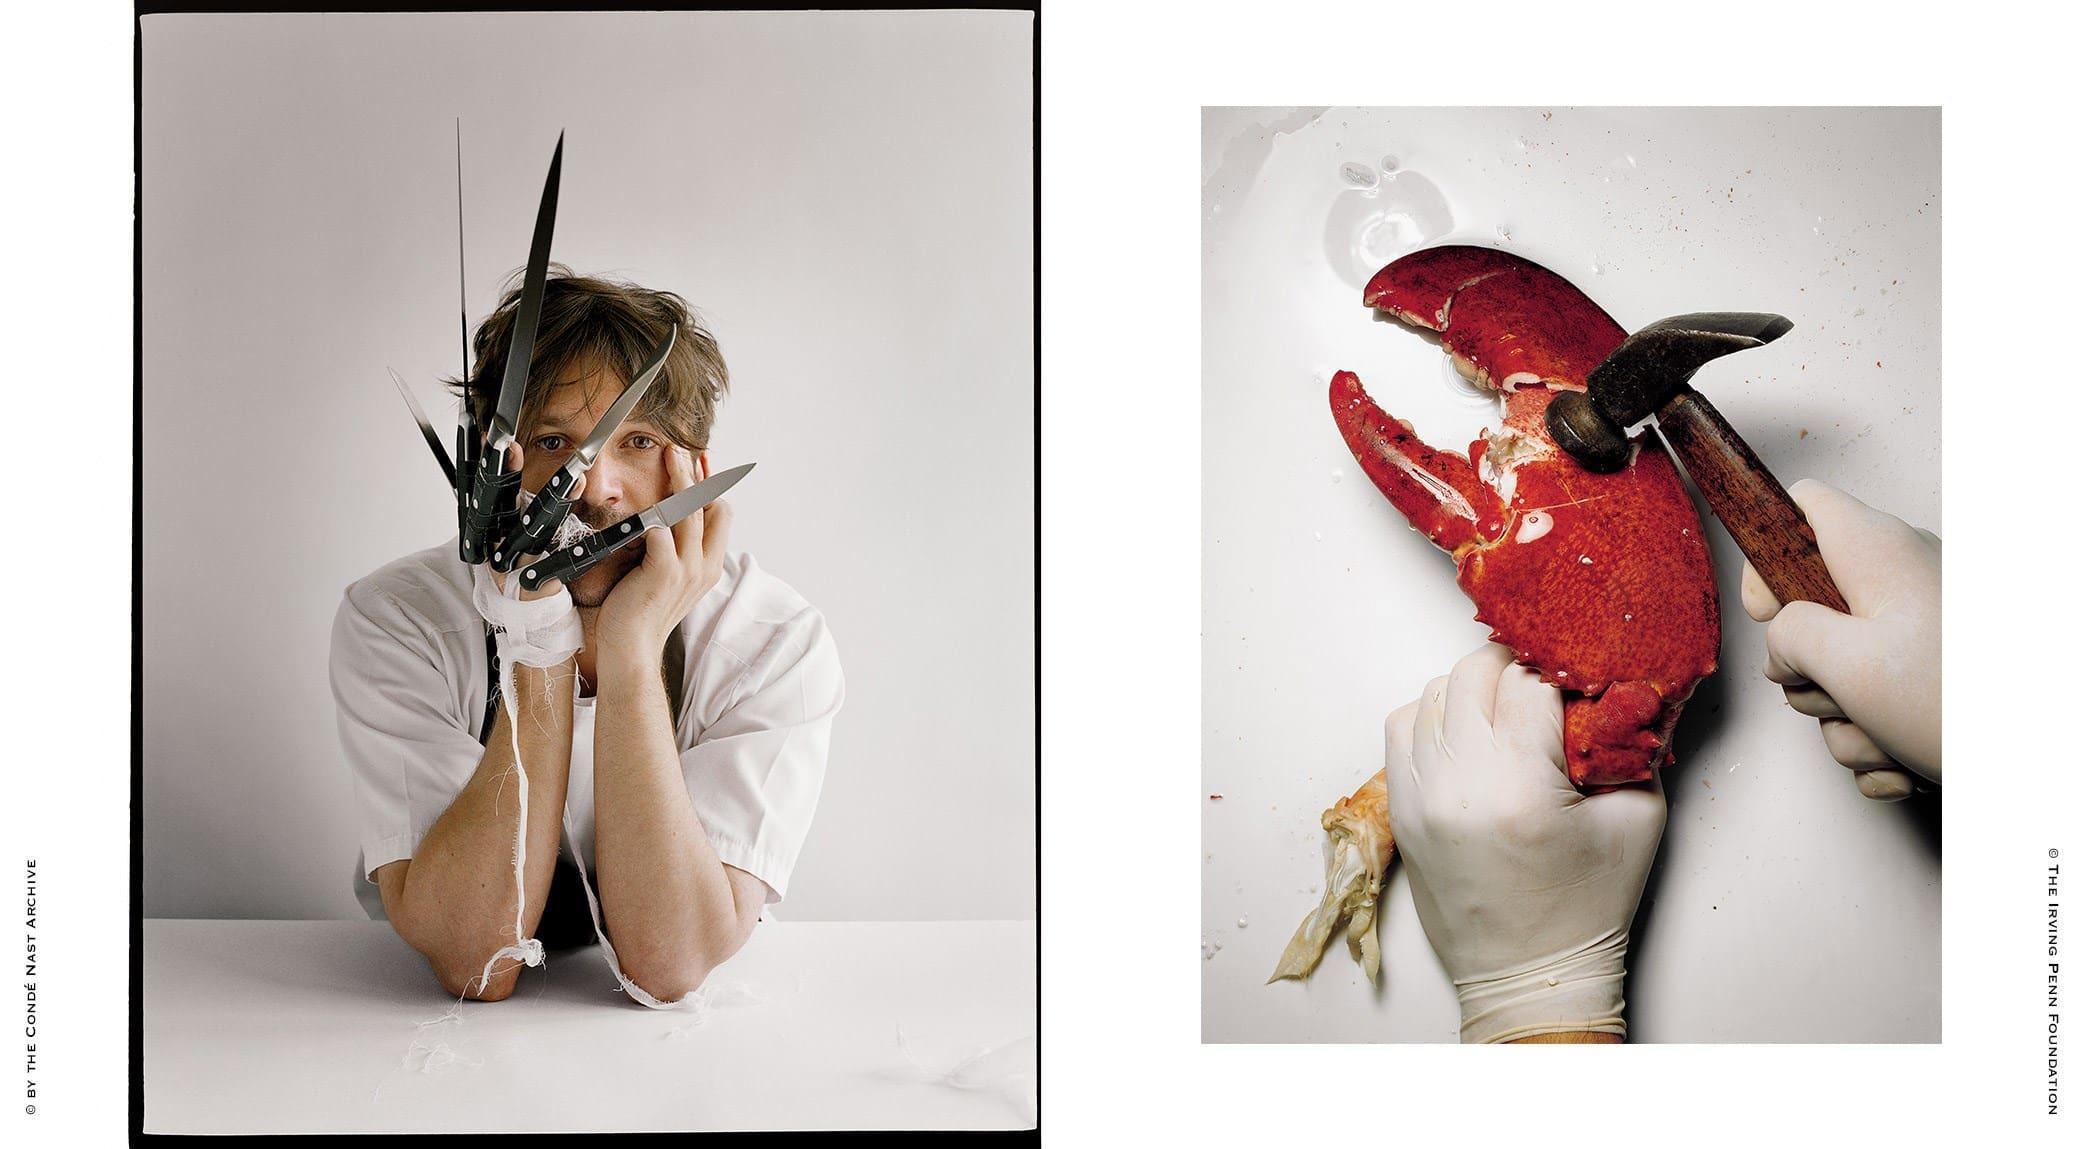 original_03-Food-in-Vogue.jpg